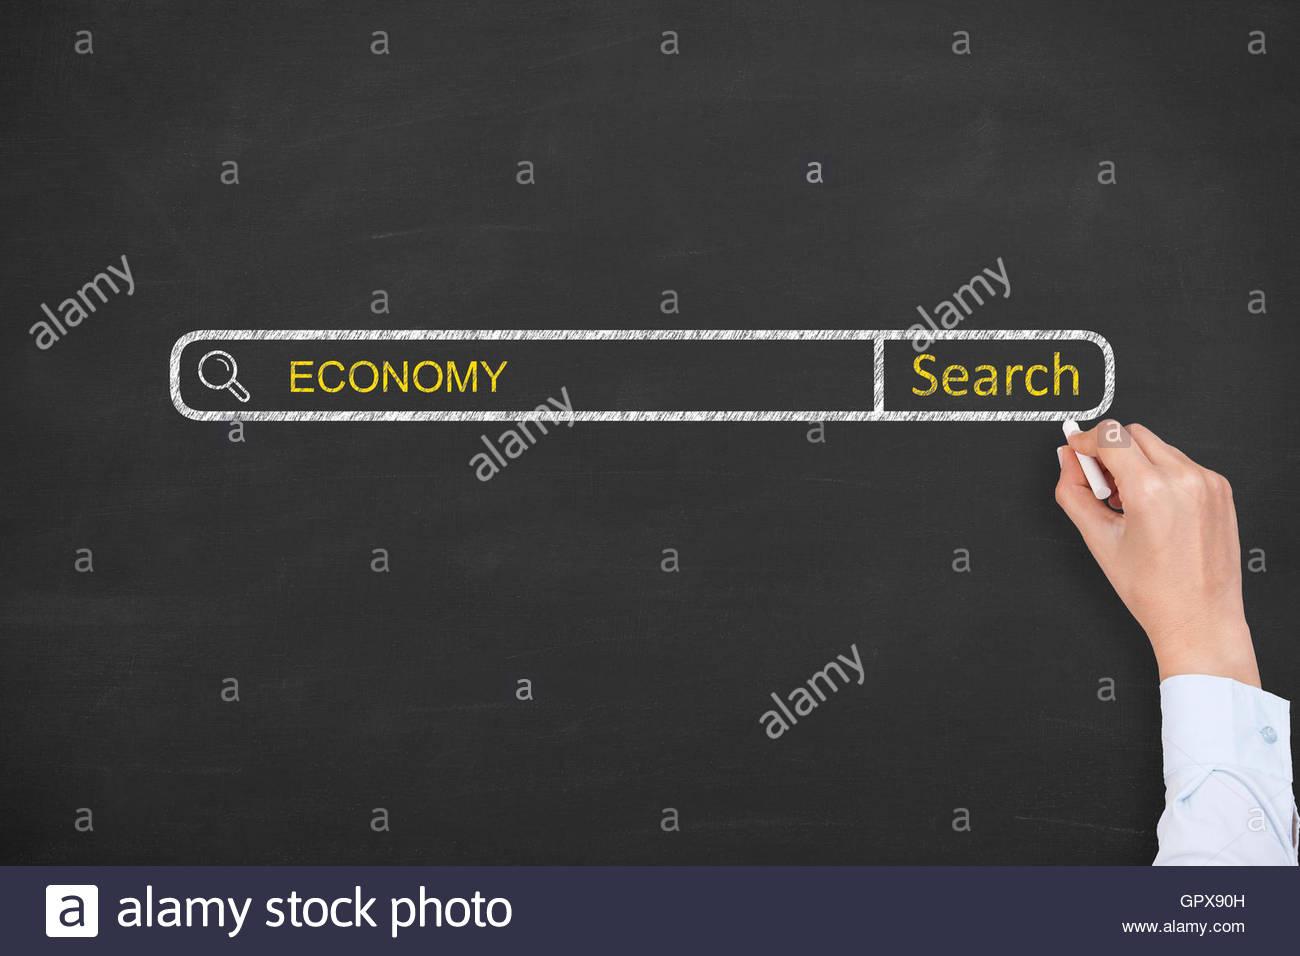 Moteur de recherche de l'économie on Blackboard Photo Stock